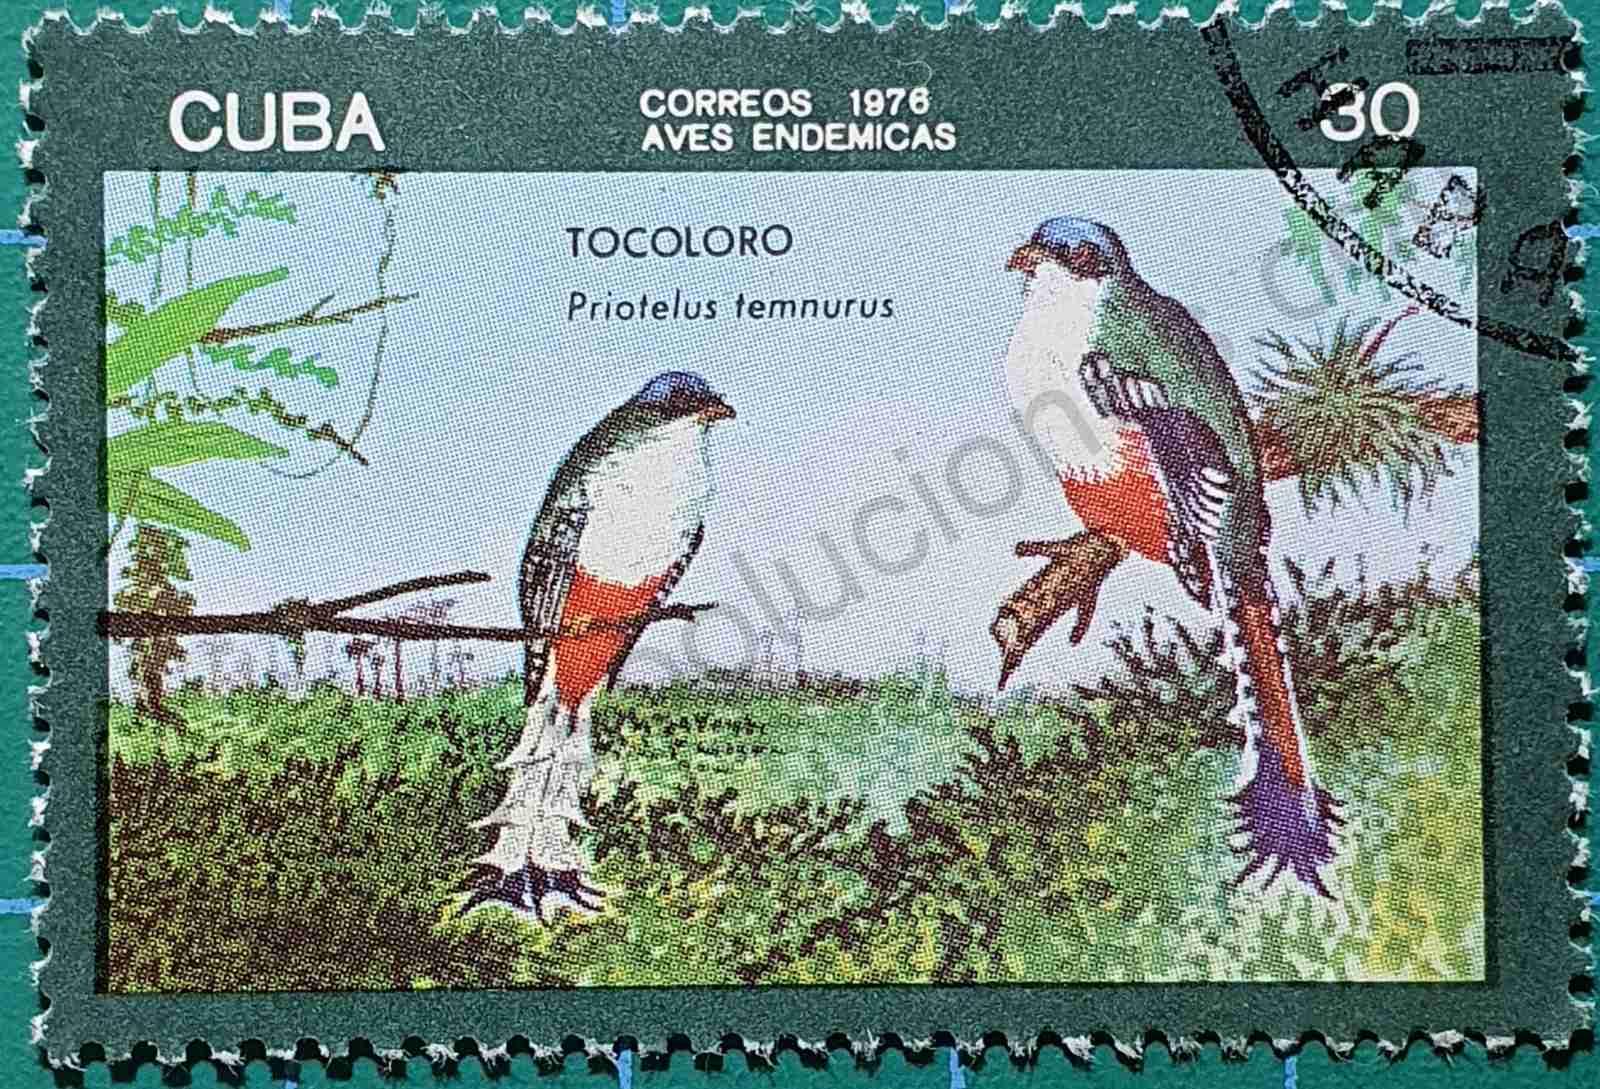 Tocoloro - sello Cuba 1976